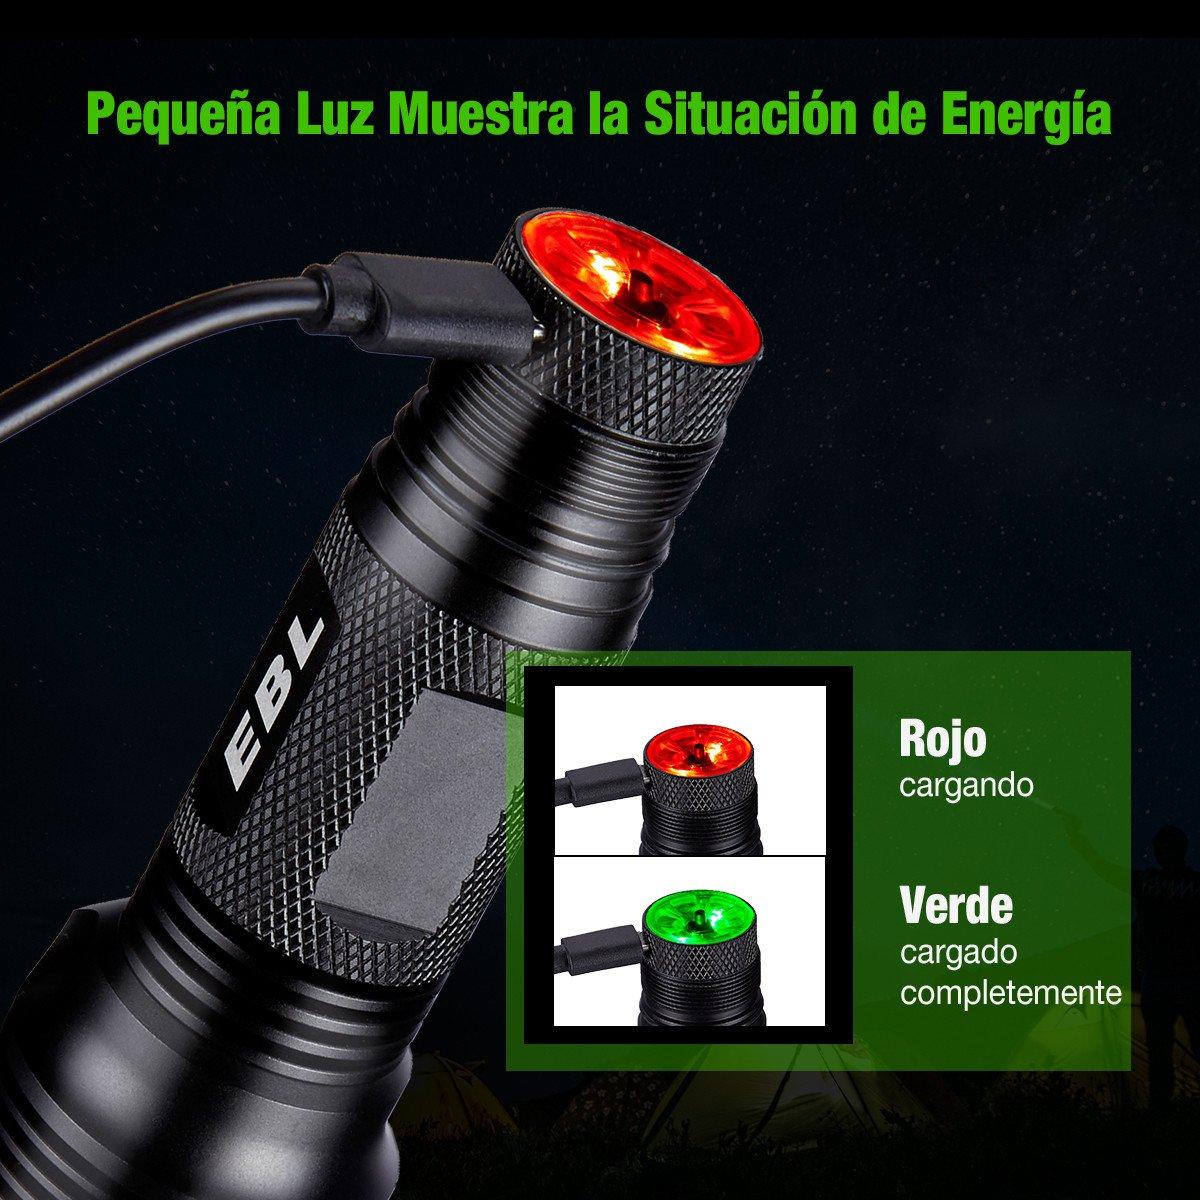 EBL 950 Lumen Linterna LED USB Recargable Impermeable IP68 con 6 modos, 2 Unidades 18650 Baterías para Ciclismo, Acampada, Senderismo, Montañismo